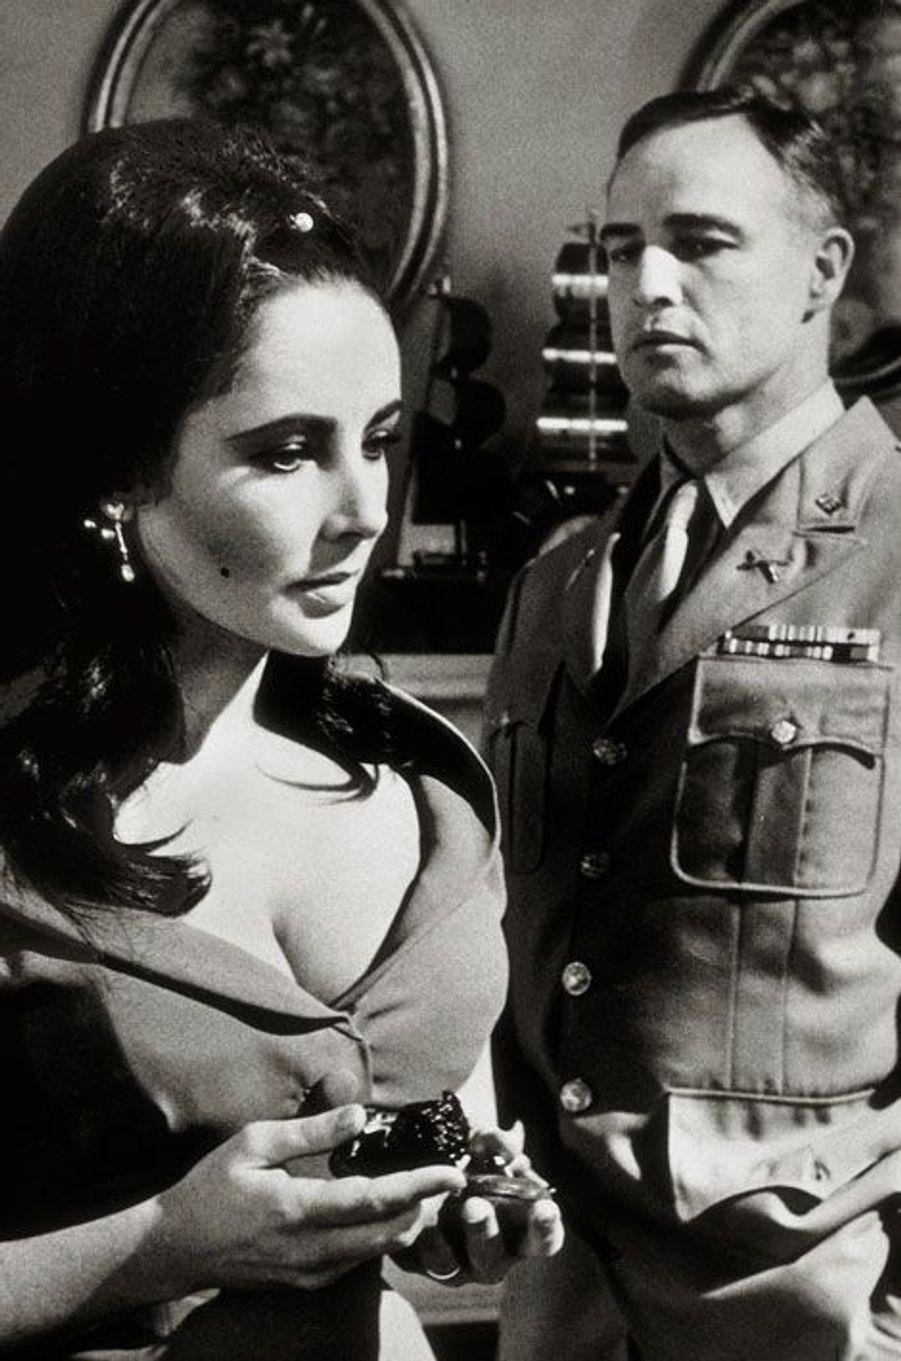 En 1967, John Huston réalise «Reflets dans un œil d'or», en VO «Reflections in a Golden Eye». L'affiche est partagée par Elizabeth Taylor et Marlon Brando.